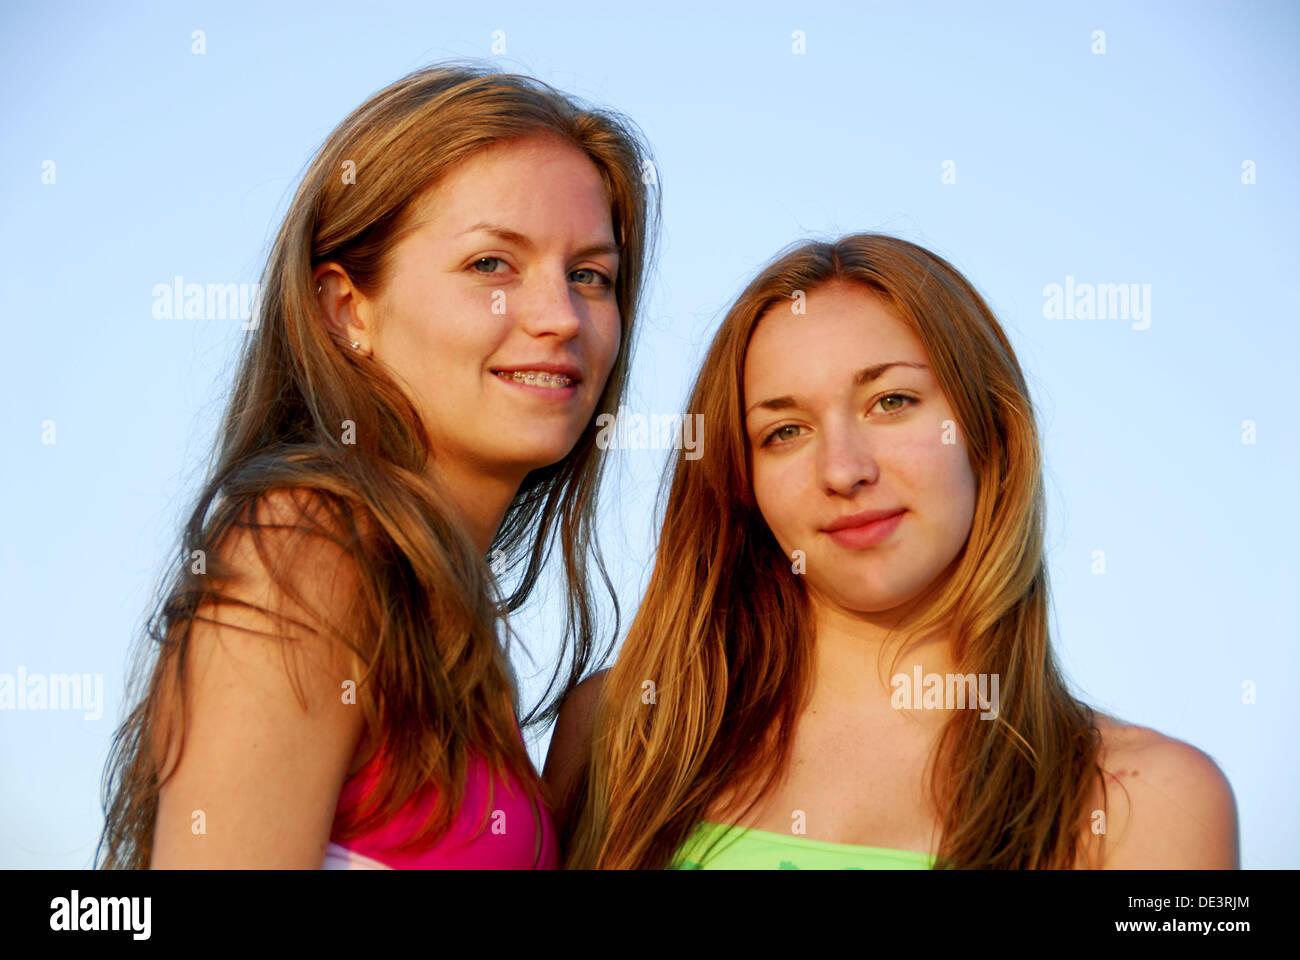 Costumi Da Bagno Per Ragazze 13 Anni : Ragazza ragazza anni in piedi insieme in costume da bagno